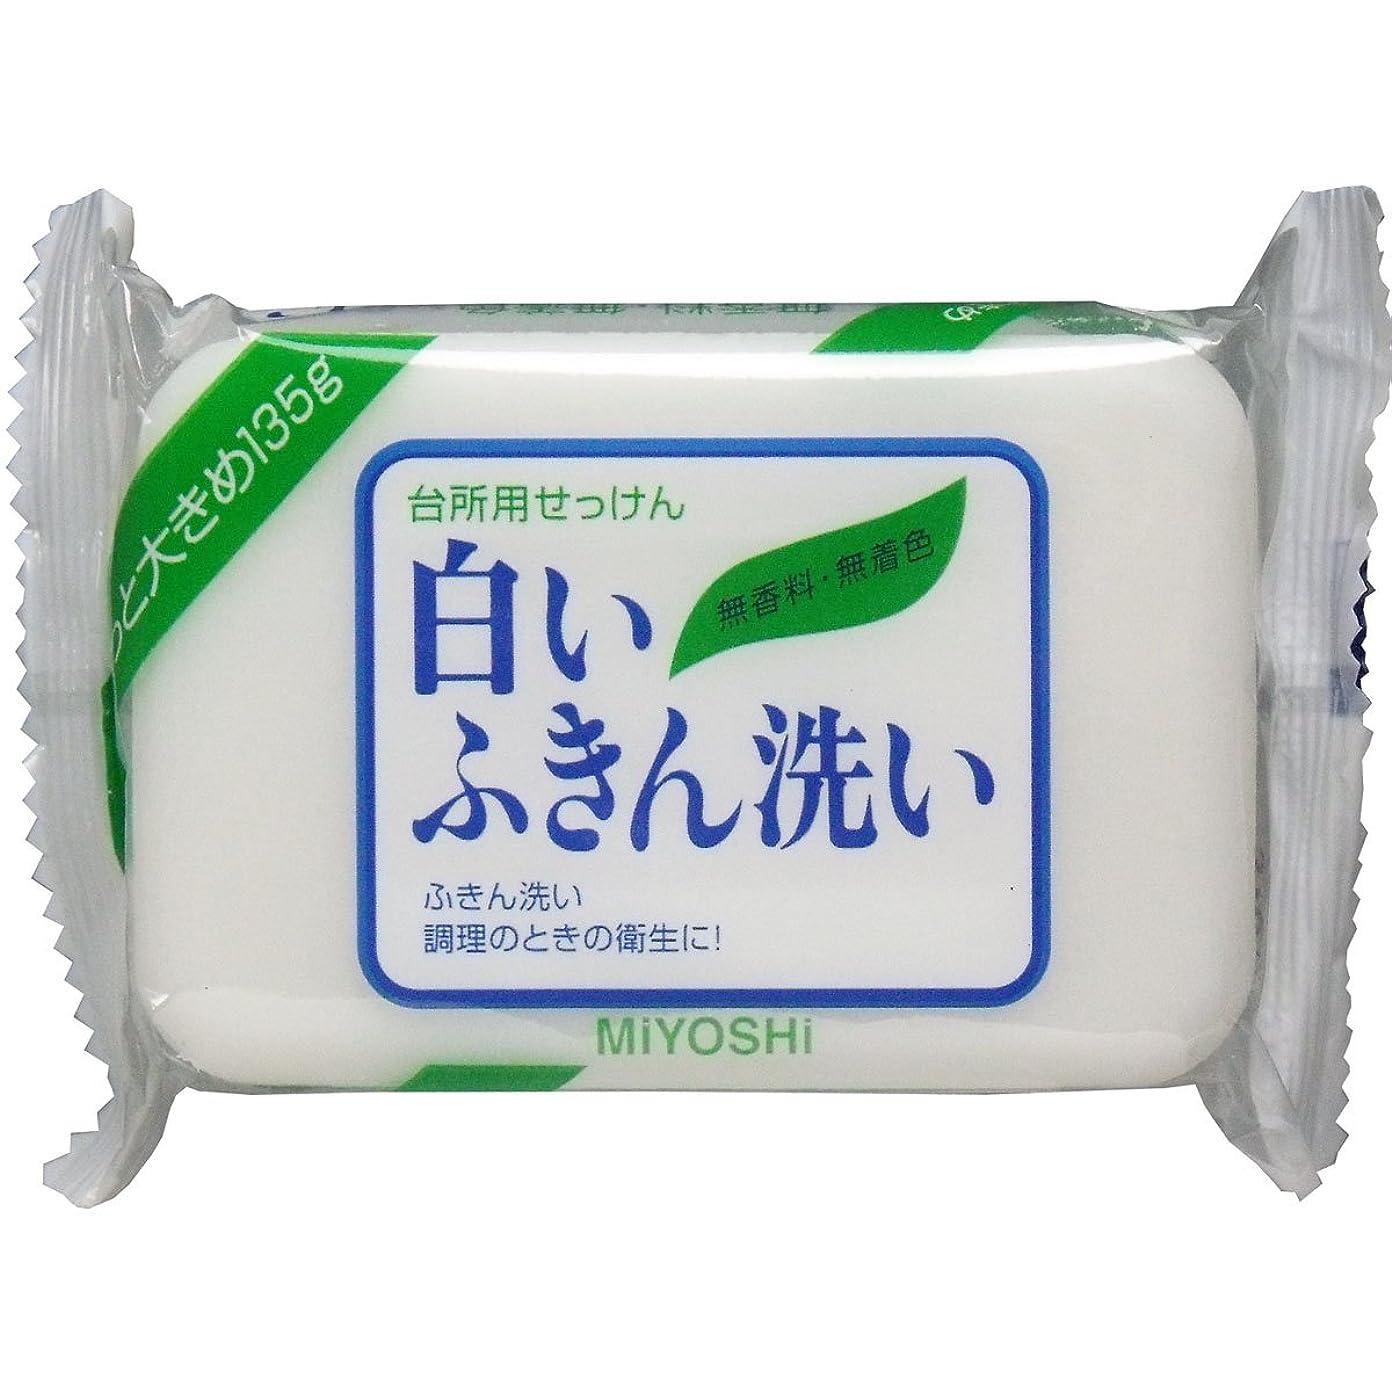 助言フレキシブル彫刻ミヨシ石鹸 白いふきん洗い